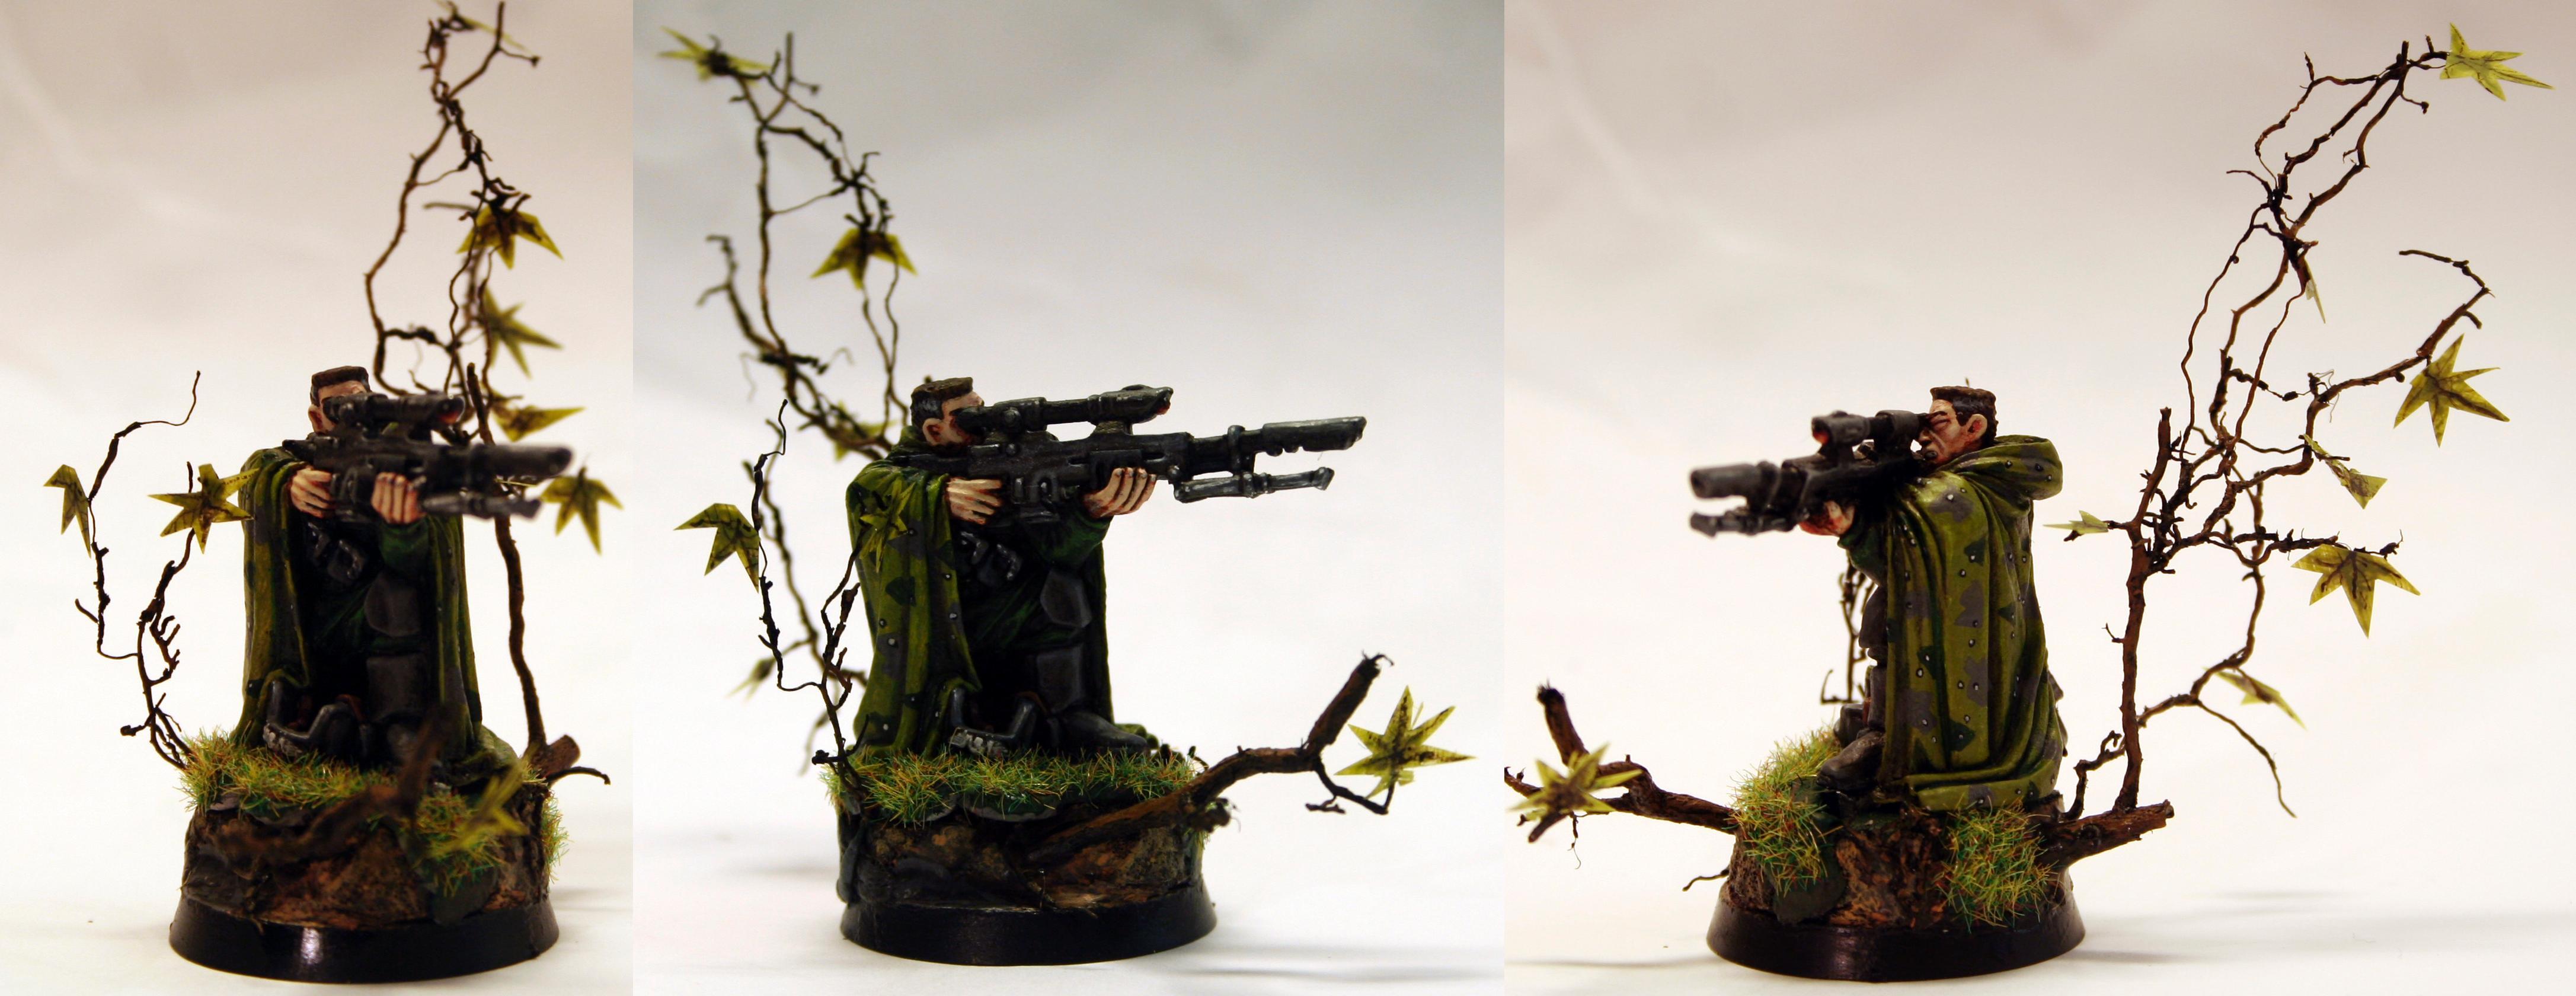 Camo Cloak, Cloak, Imperial Guard, Snipers